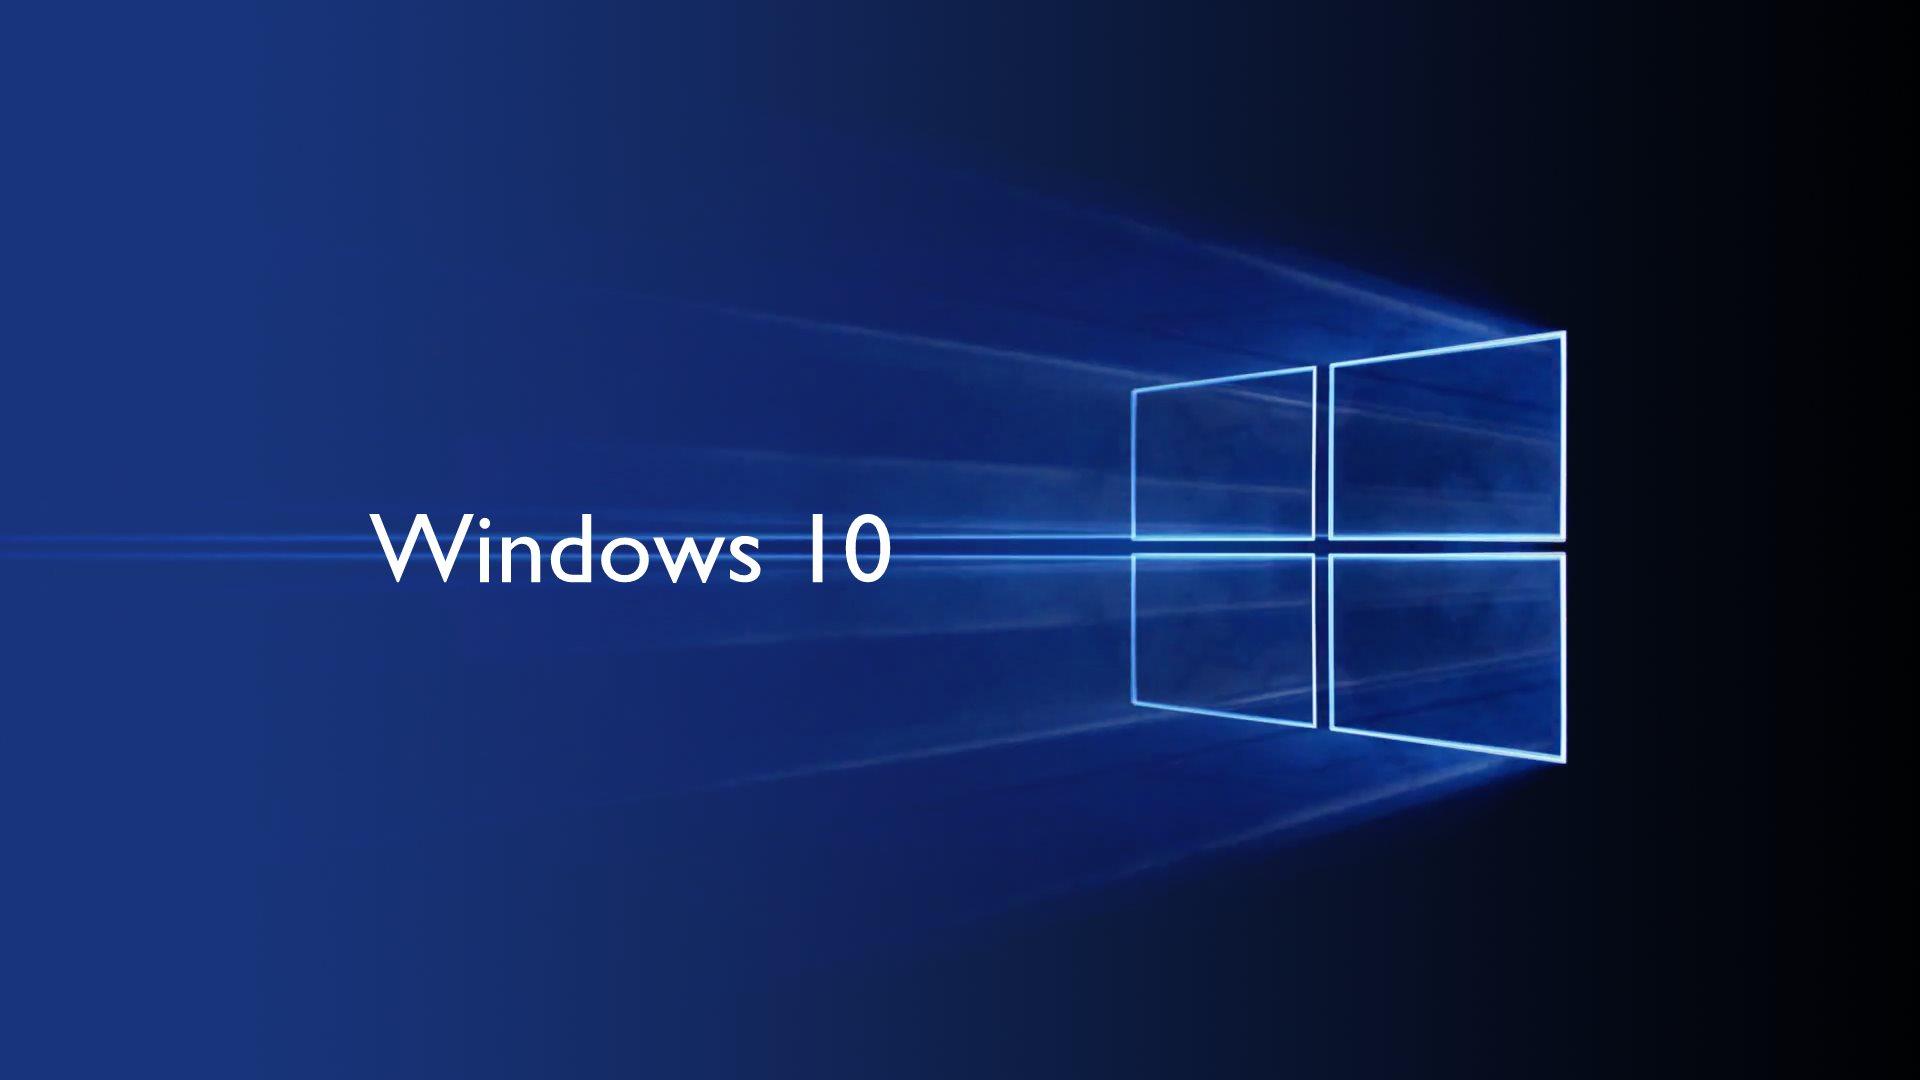 Новый язык интерфейса для Windows 10— проект «NEON» появится сRedstone 3